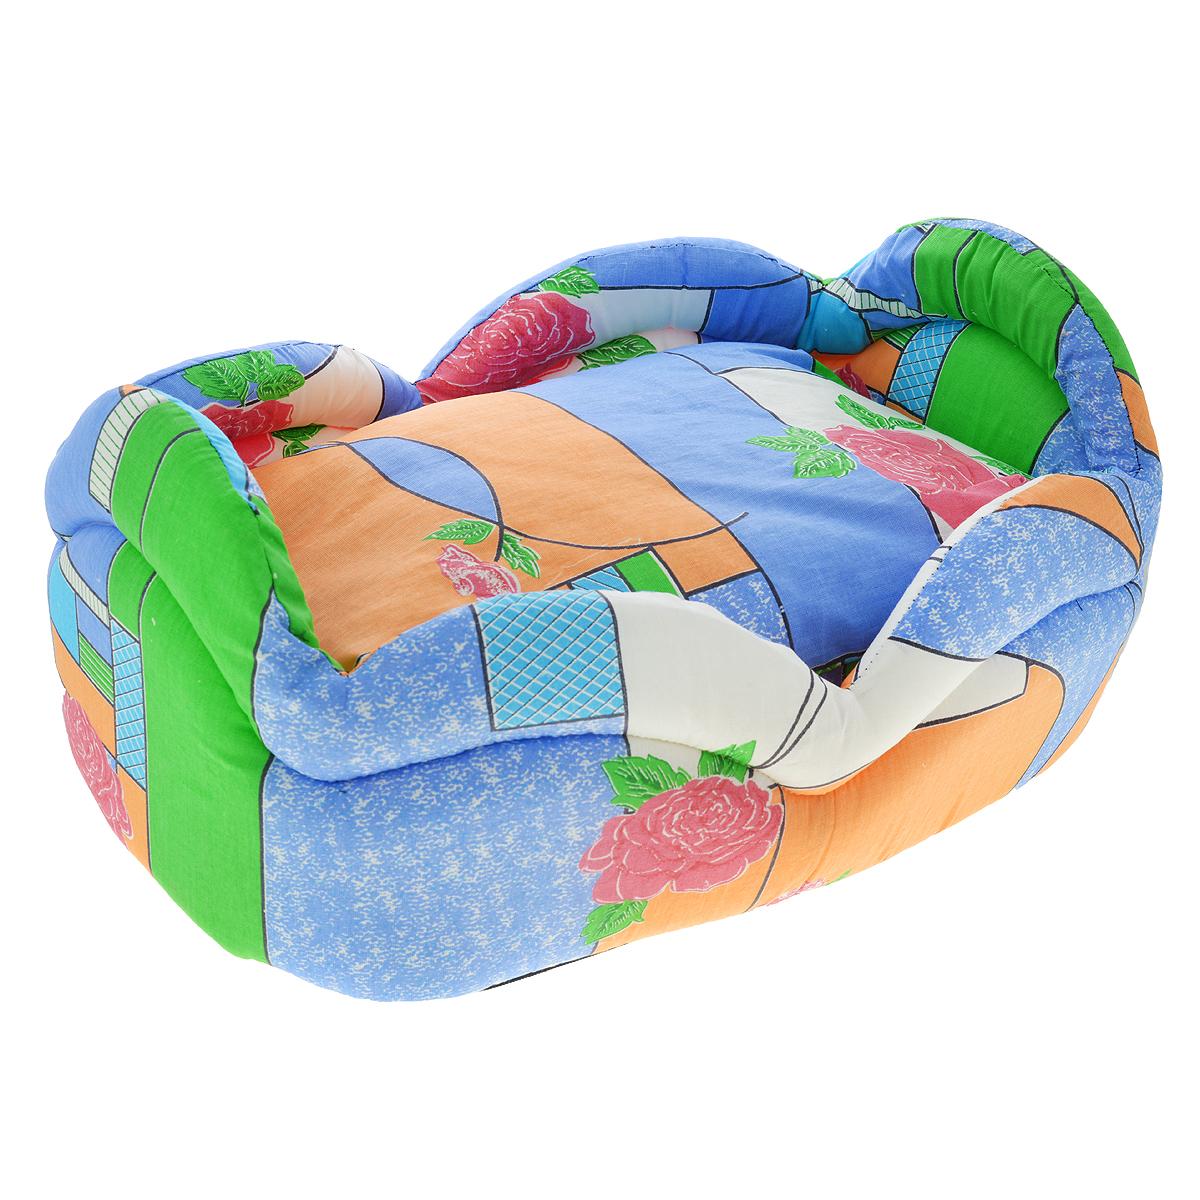 Лежак для кошек и собак Гамма, цвет: голубой, 45 см х 31 см х 24 см10012331Лежак для кошек и собак Гамма обязательно понравится вашему питомцу. Лежак предназначен для собак мелких пород и кошек. Изготовлен из бязи с красивым принтом, внутри - мягкий наполнитель из мебельного поролона. Лежак очень удобный и уютный, он оснащен мягкой съемной подстилкой из синтепона.Ваш любимец сразу же захочет забраться в лежак, там он сможет отдохнуть и спрятаться.Компактные размеры позволят поместить лежак, где угодно, а приятная цветовая гамма сделает его оригинальным дополнением к любому интерьеру.Размер подушки: 40 см х 27 см х 12 см.Толщина стенки: 2,5 см.Высота бортика: 18 см.